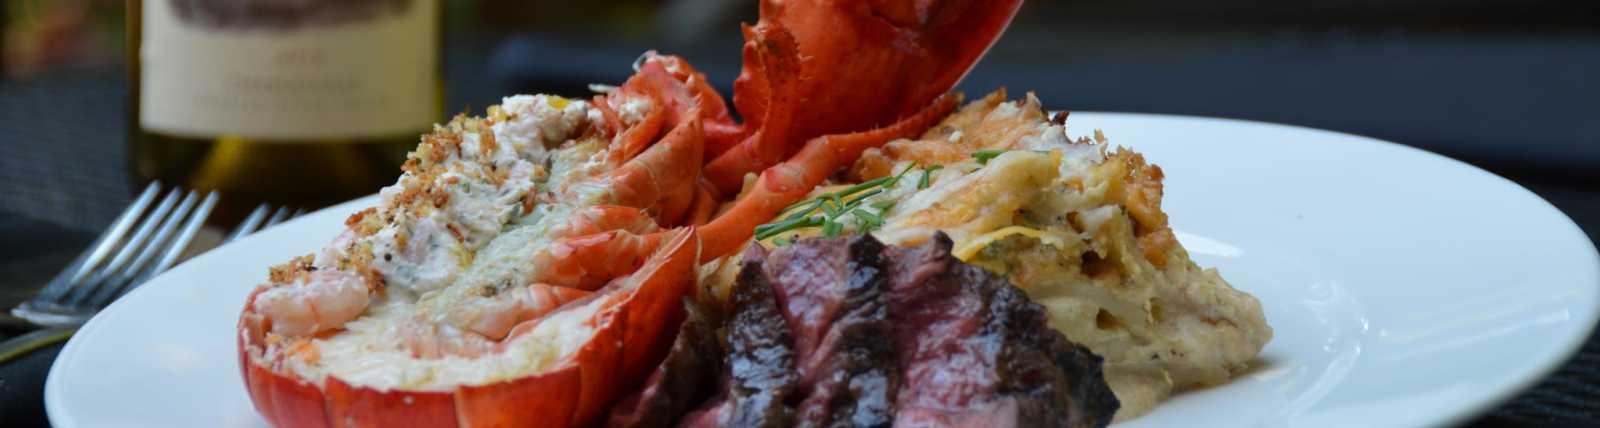 Stanford_s_Restaurant___Bar-22.jpg